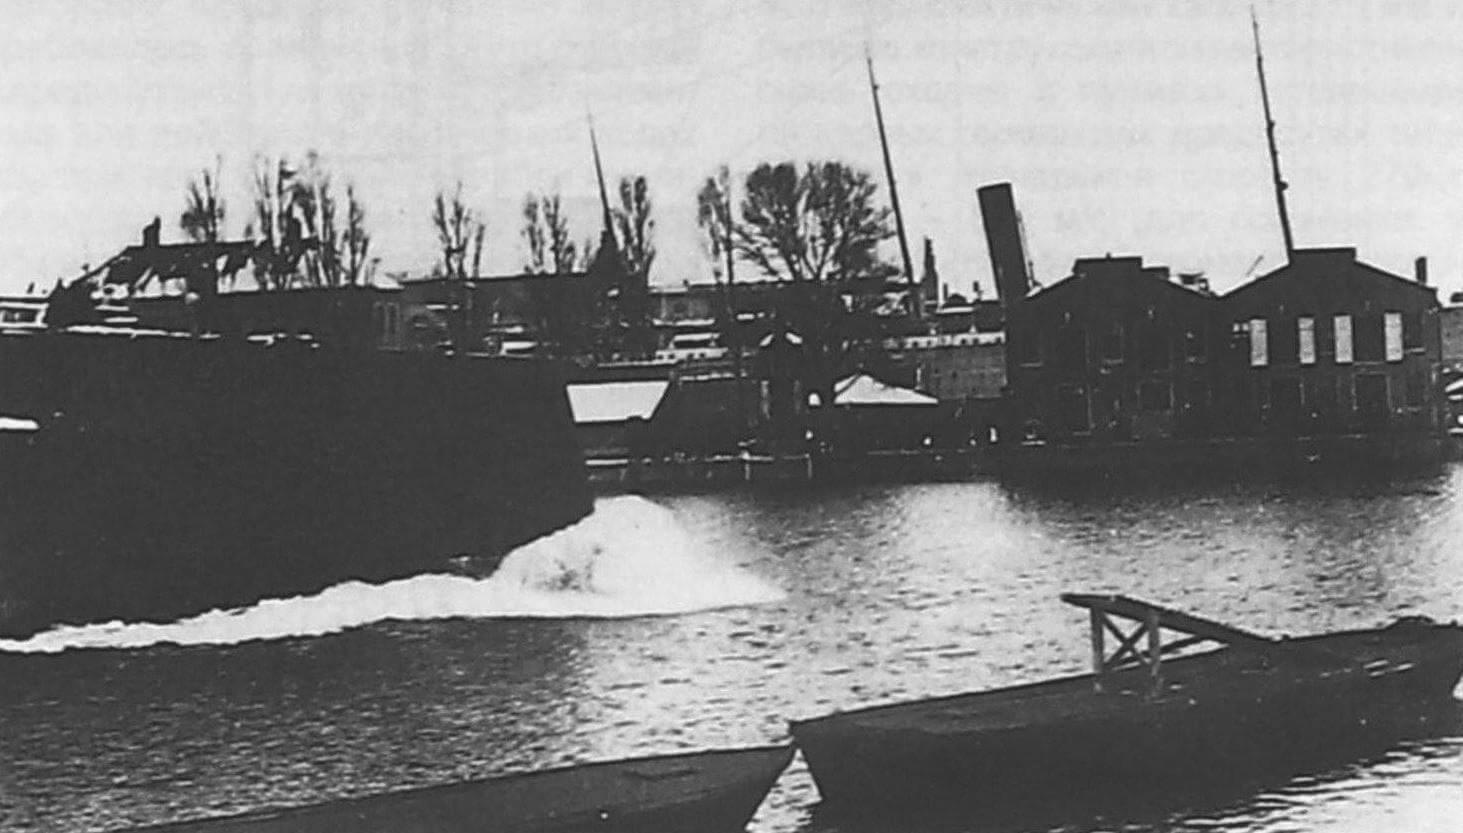 «Де Зевен Провинсиен» спускают на воду, 15 марта 1909 года. Среди участников торжественной церемонии был член королевской семьи принц Хендрик